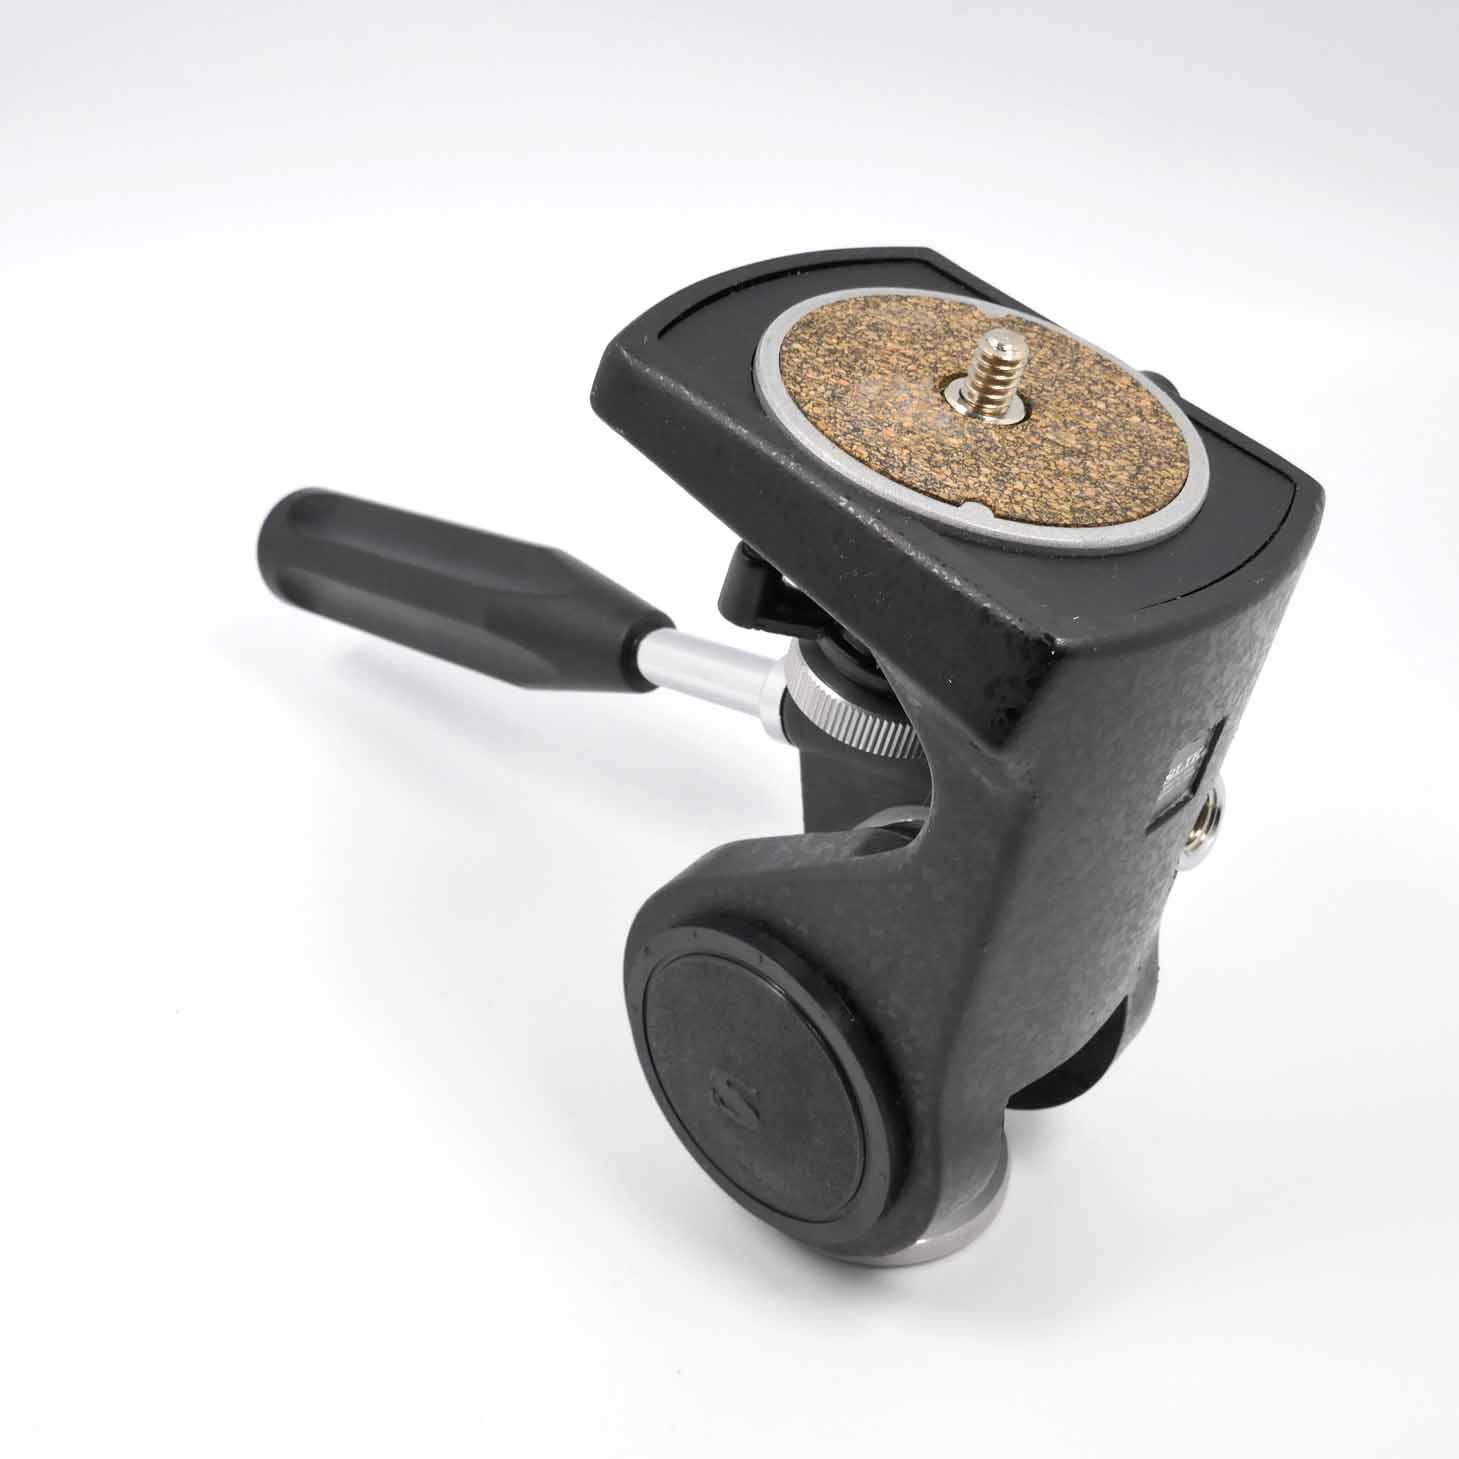 clean-cameras-Slik-2036-Stativkopf-04